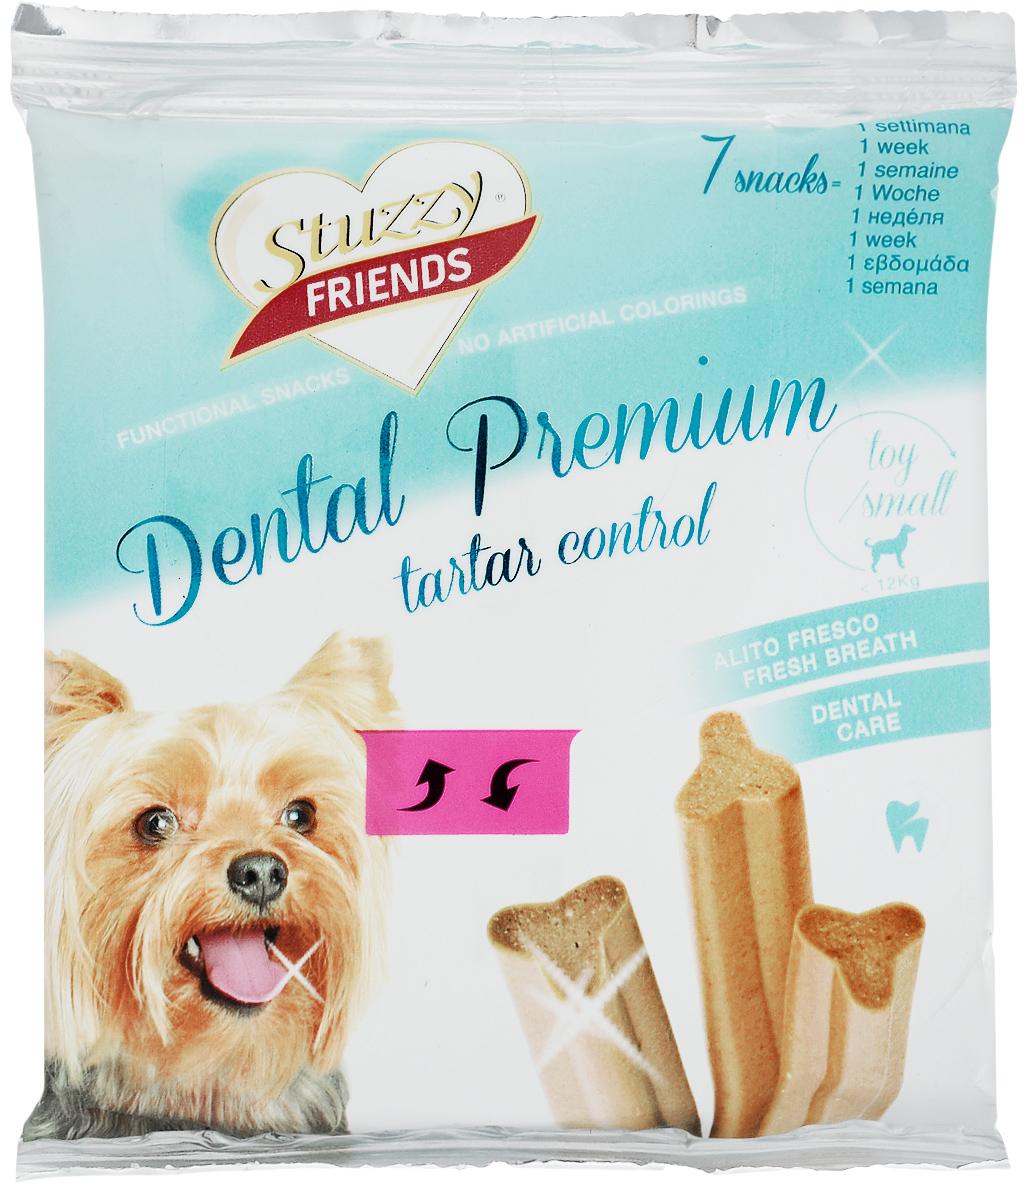 Лакомство для взрослых собак Stuzzy Friend. Dental Premium, для собак до 12 кг, 110 г, 7 шт12171996Палочки Stuzzy Friends. Dental Premium - вкусное и здоровое угощение для собак. Лакомство обогащено таурином и витамином Е для поддержания правильной работы сердца и иммунной системы. Инулин обеспечивает всасывание питательных веществ, а биотин способствуют великолепному внешнему виду кожи и шерсти. Оригинальная форма и текстура помогают чистить зубы собаки от налета. Не содержат искусственных красителей. Лакомство предназначено для собак миниатюрных и мелких пород до 12 кг. Товар сертифицирован.